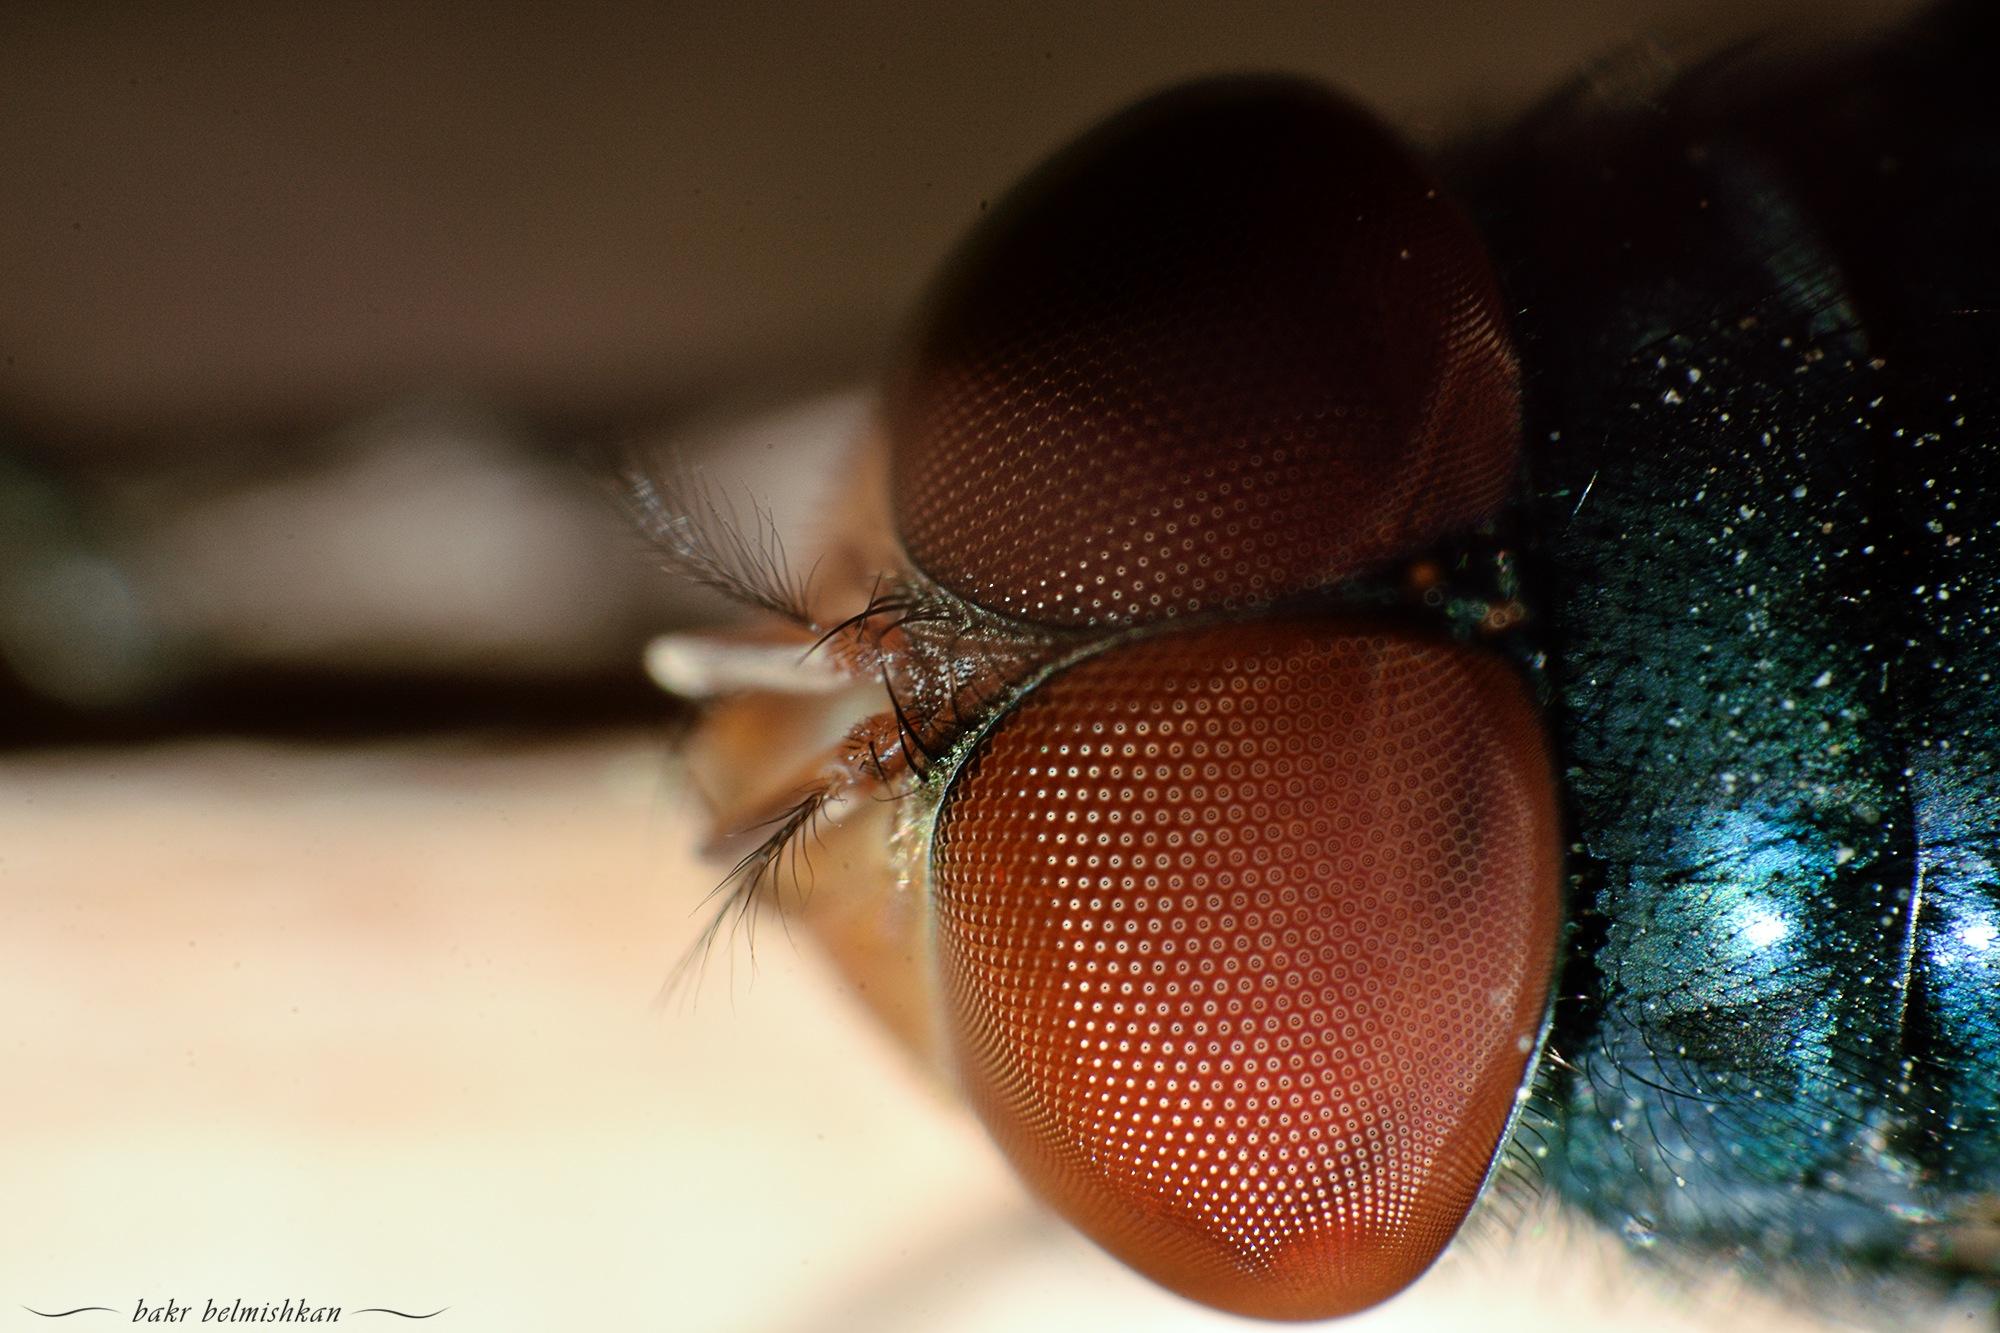 fly by Bakr Belmishkan